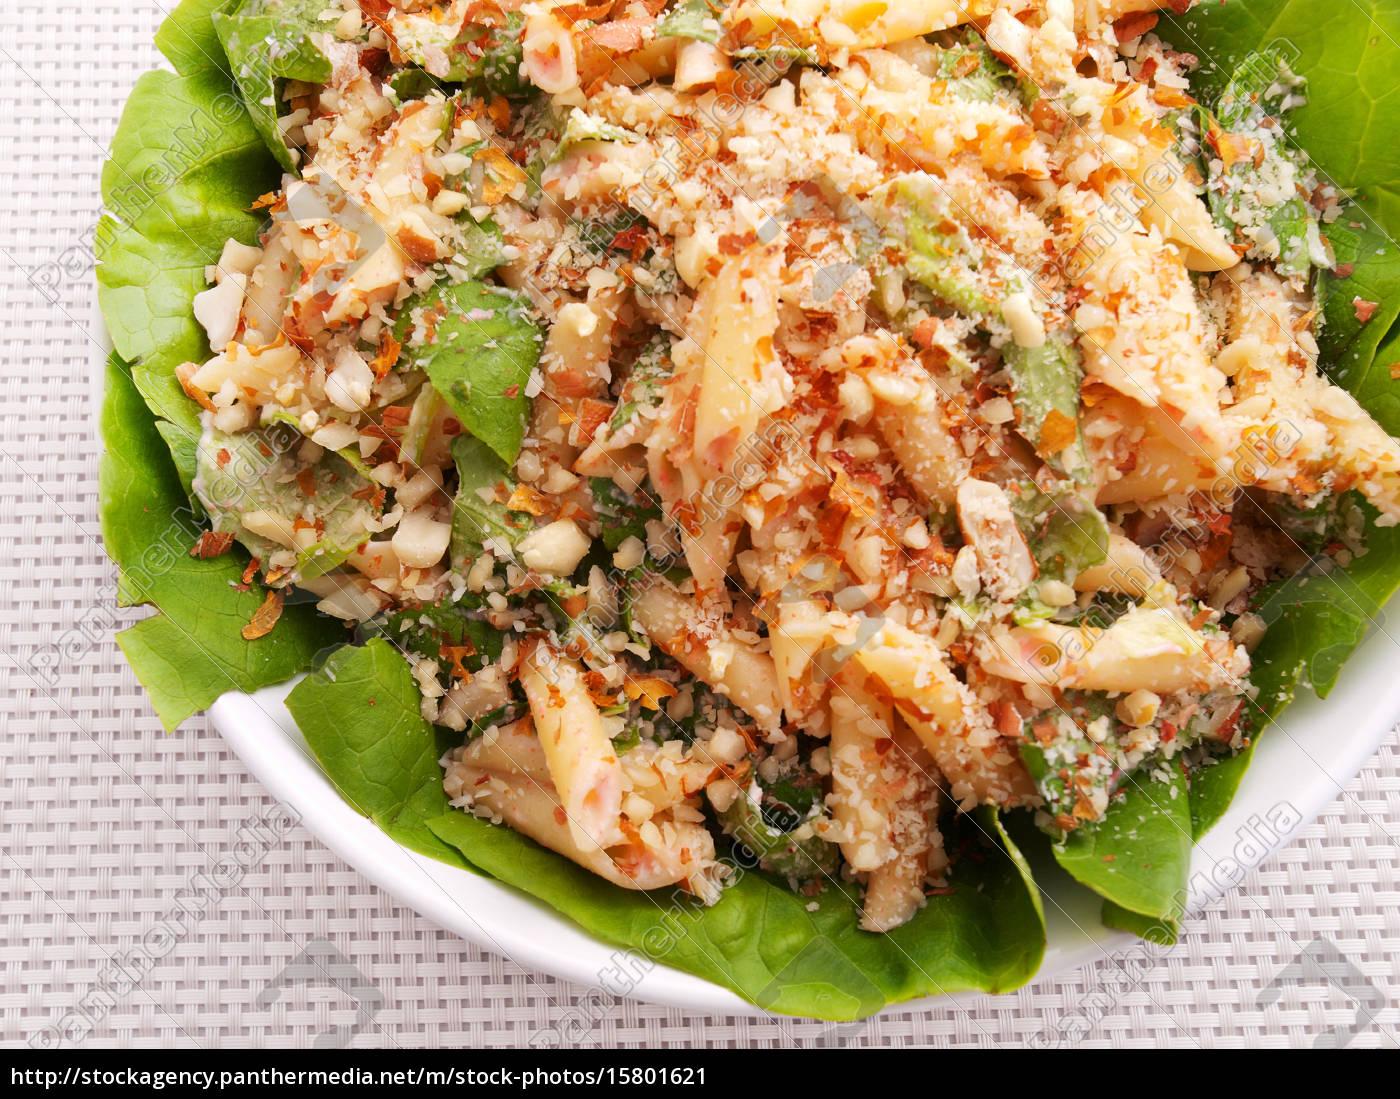 penne, salad, penne, salad - 15801621